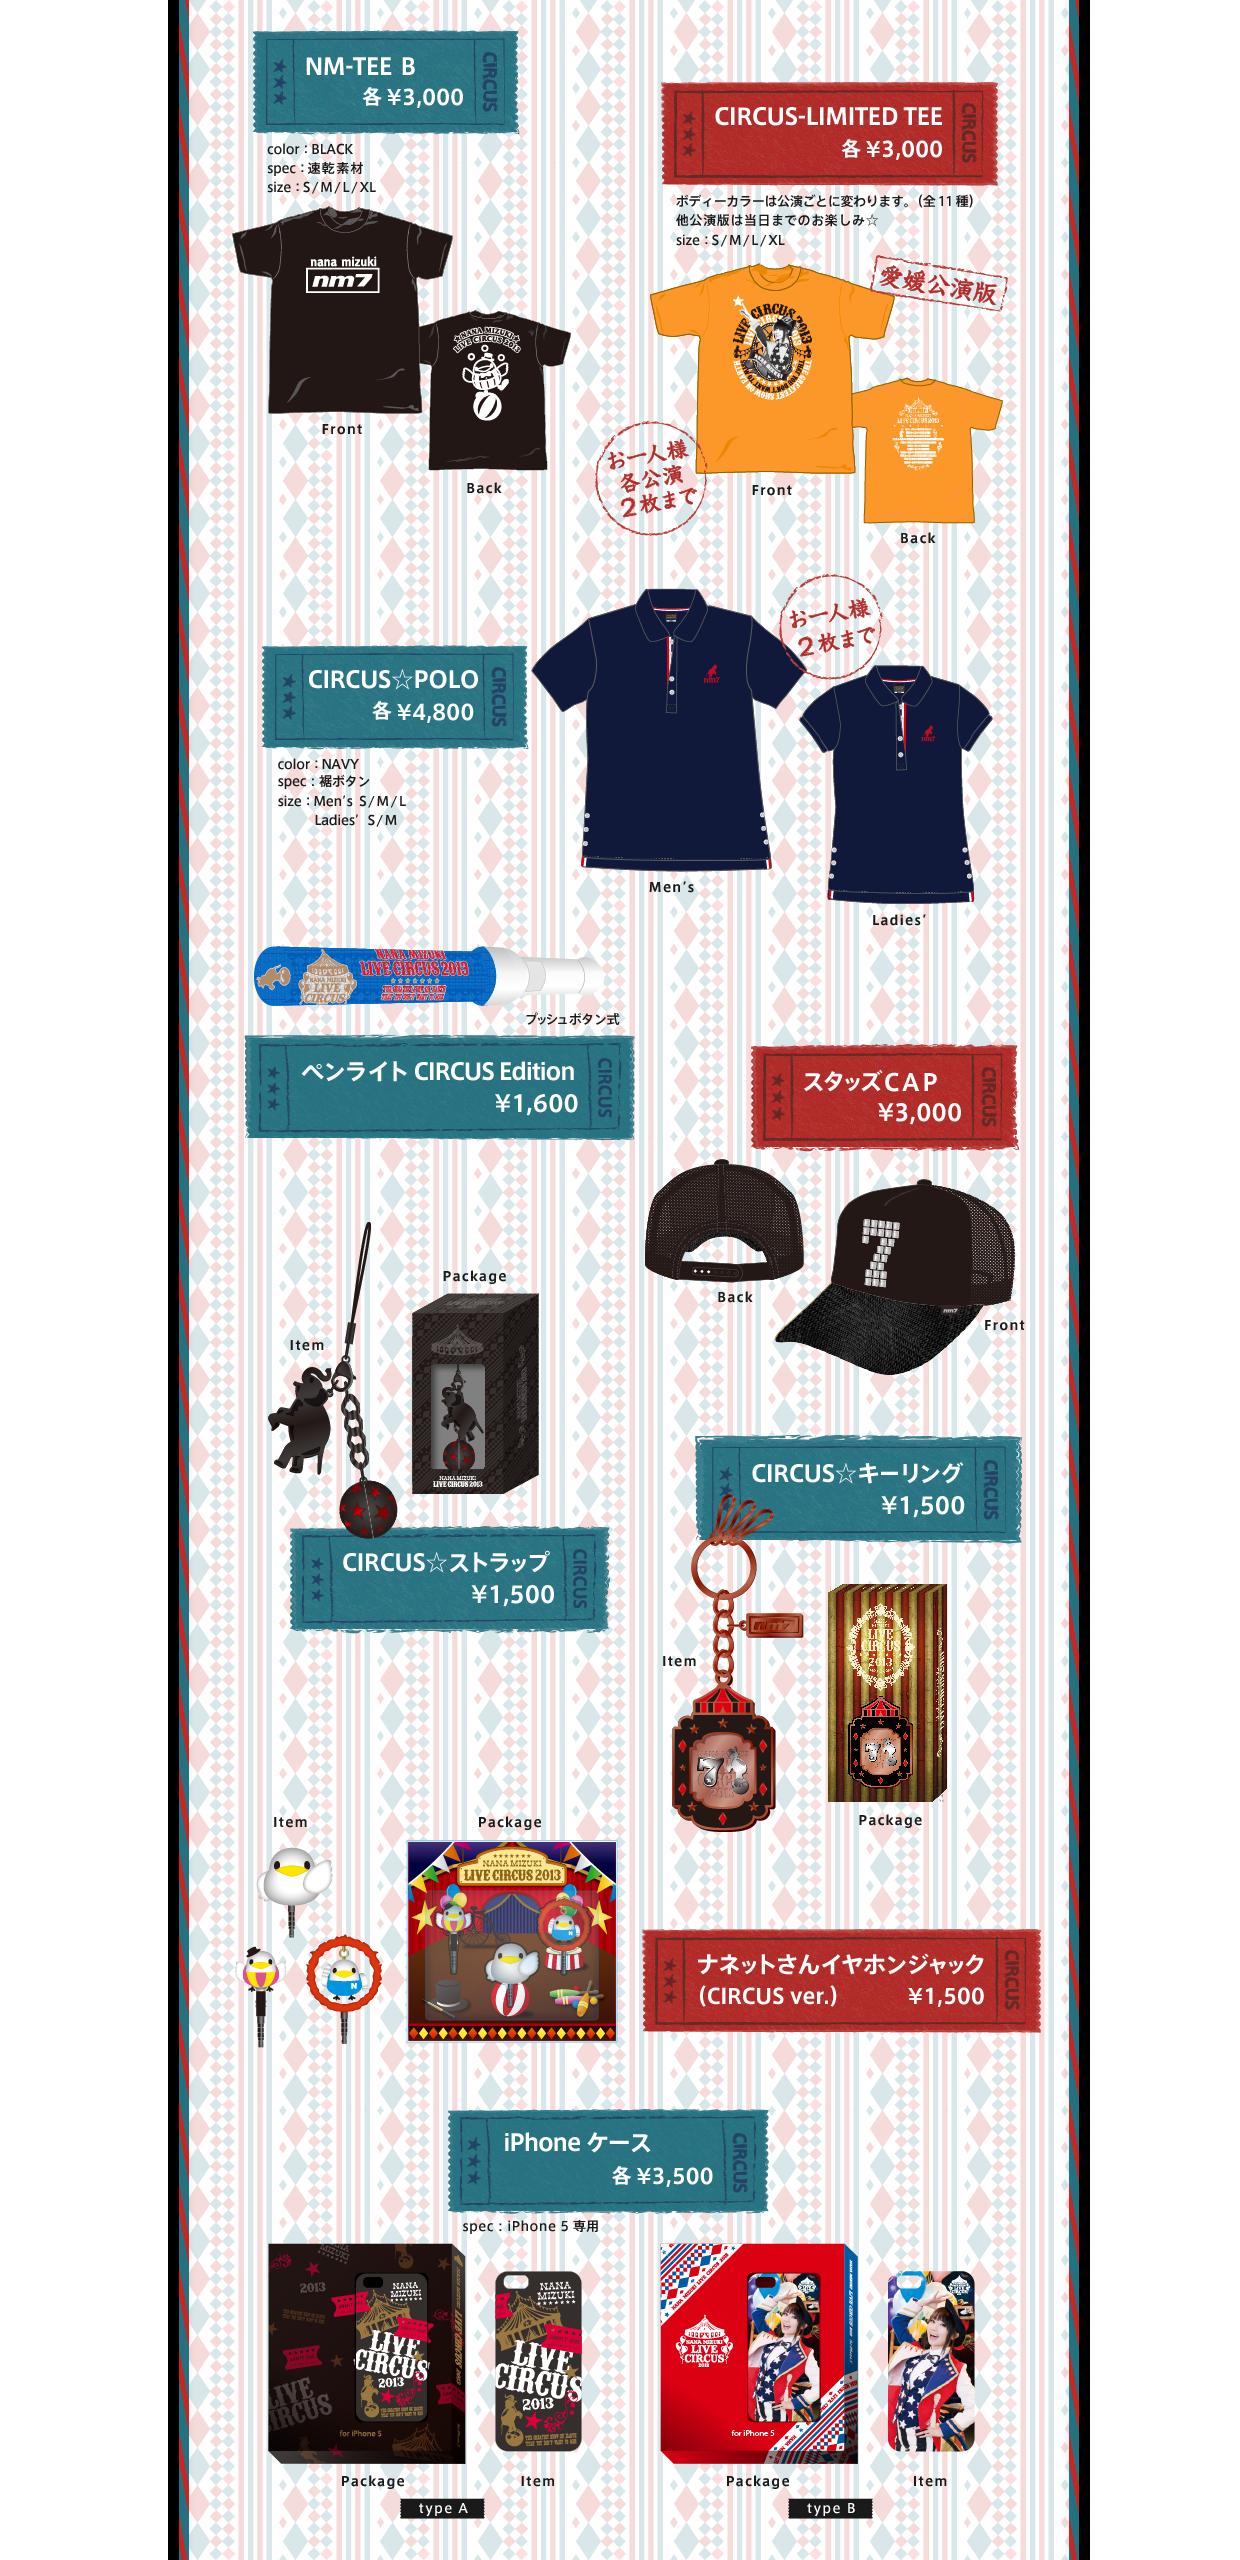 アニメロミックス presents NANA MIZUKI LIVE CIRCUS 2013 supported ...